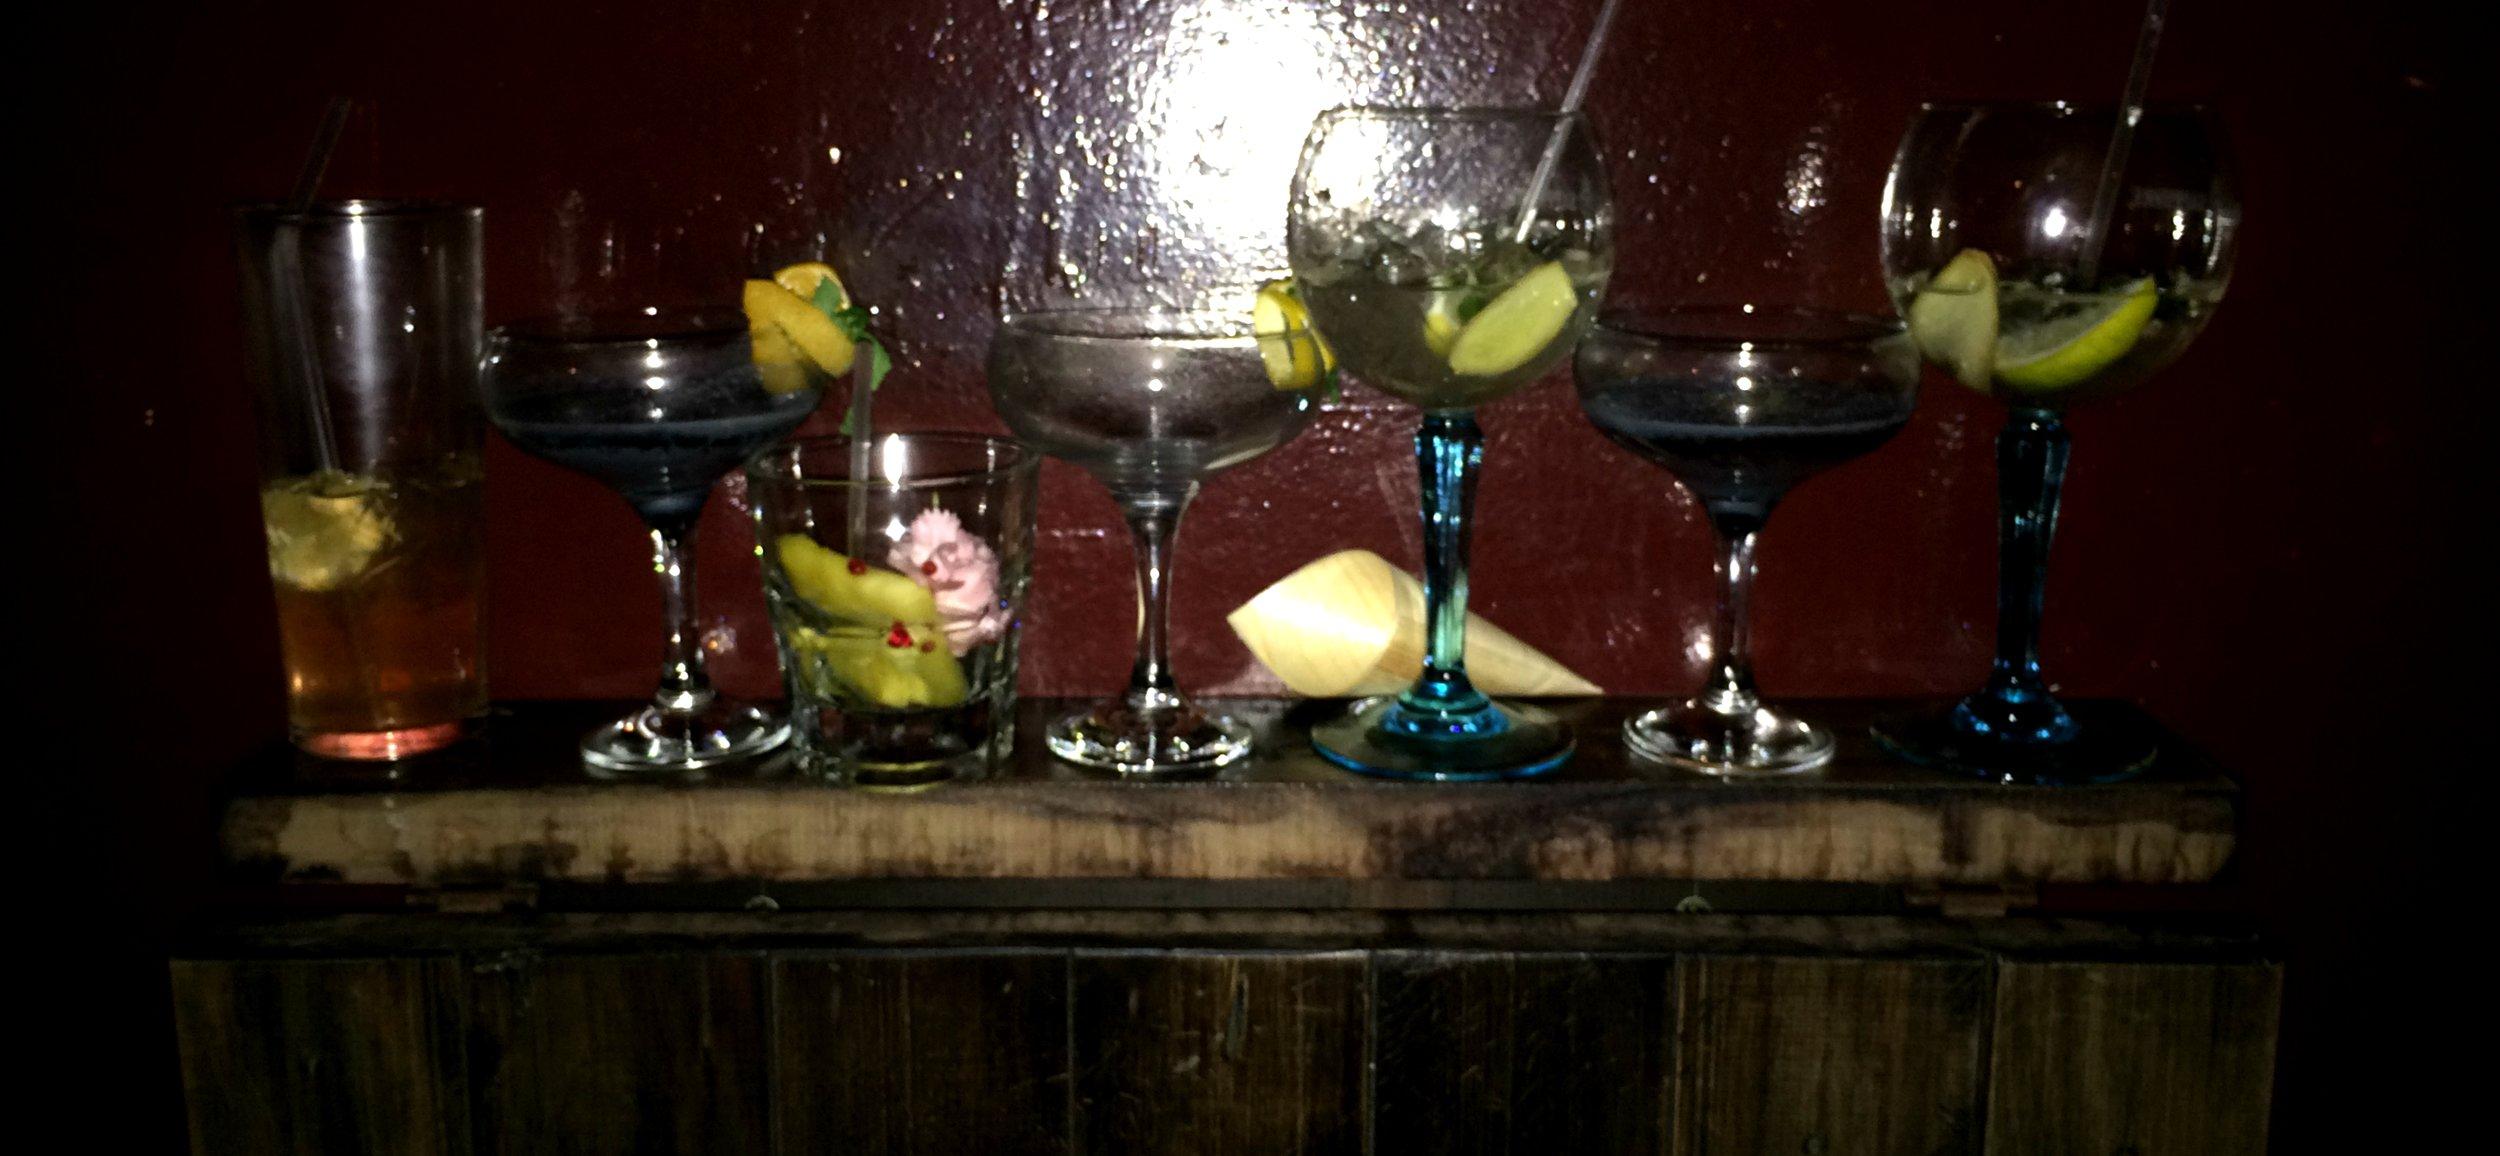 karen-walker-marr-factory-drinks-glasses